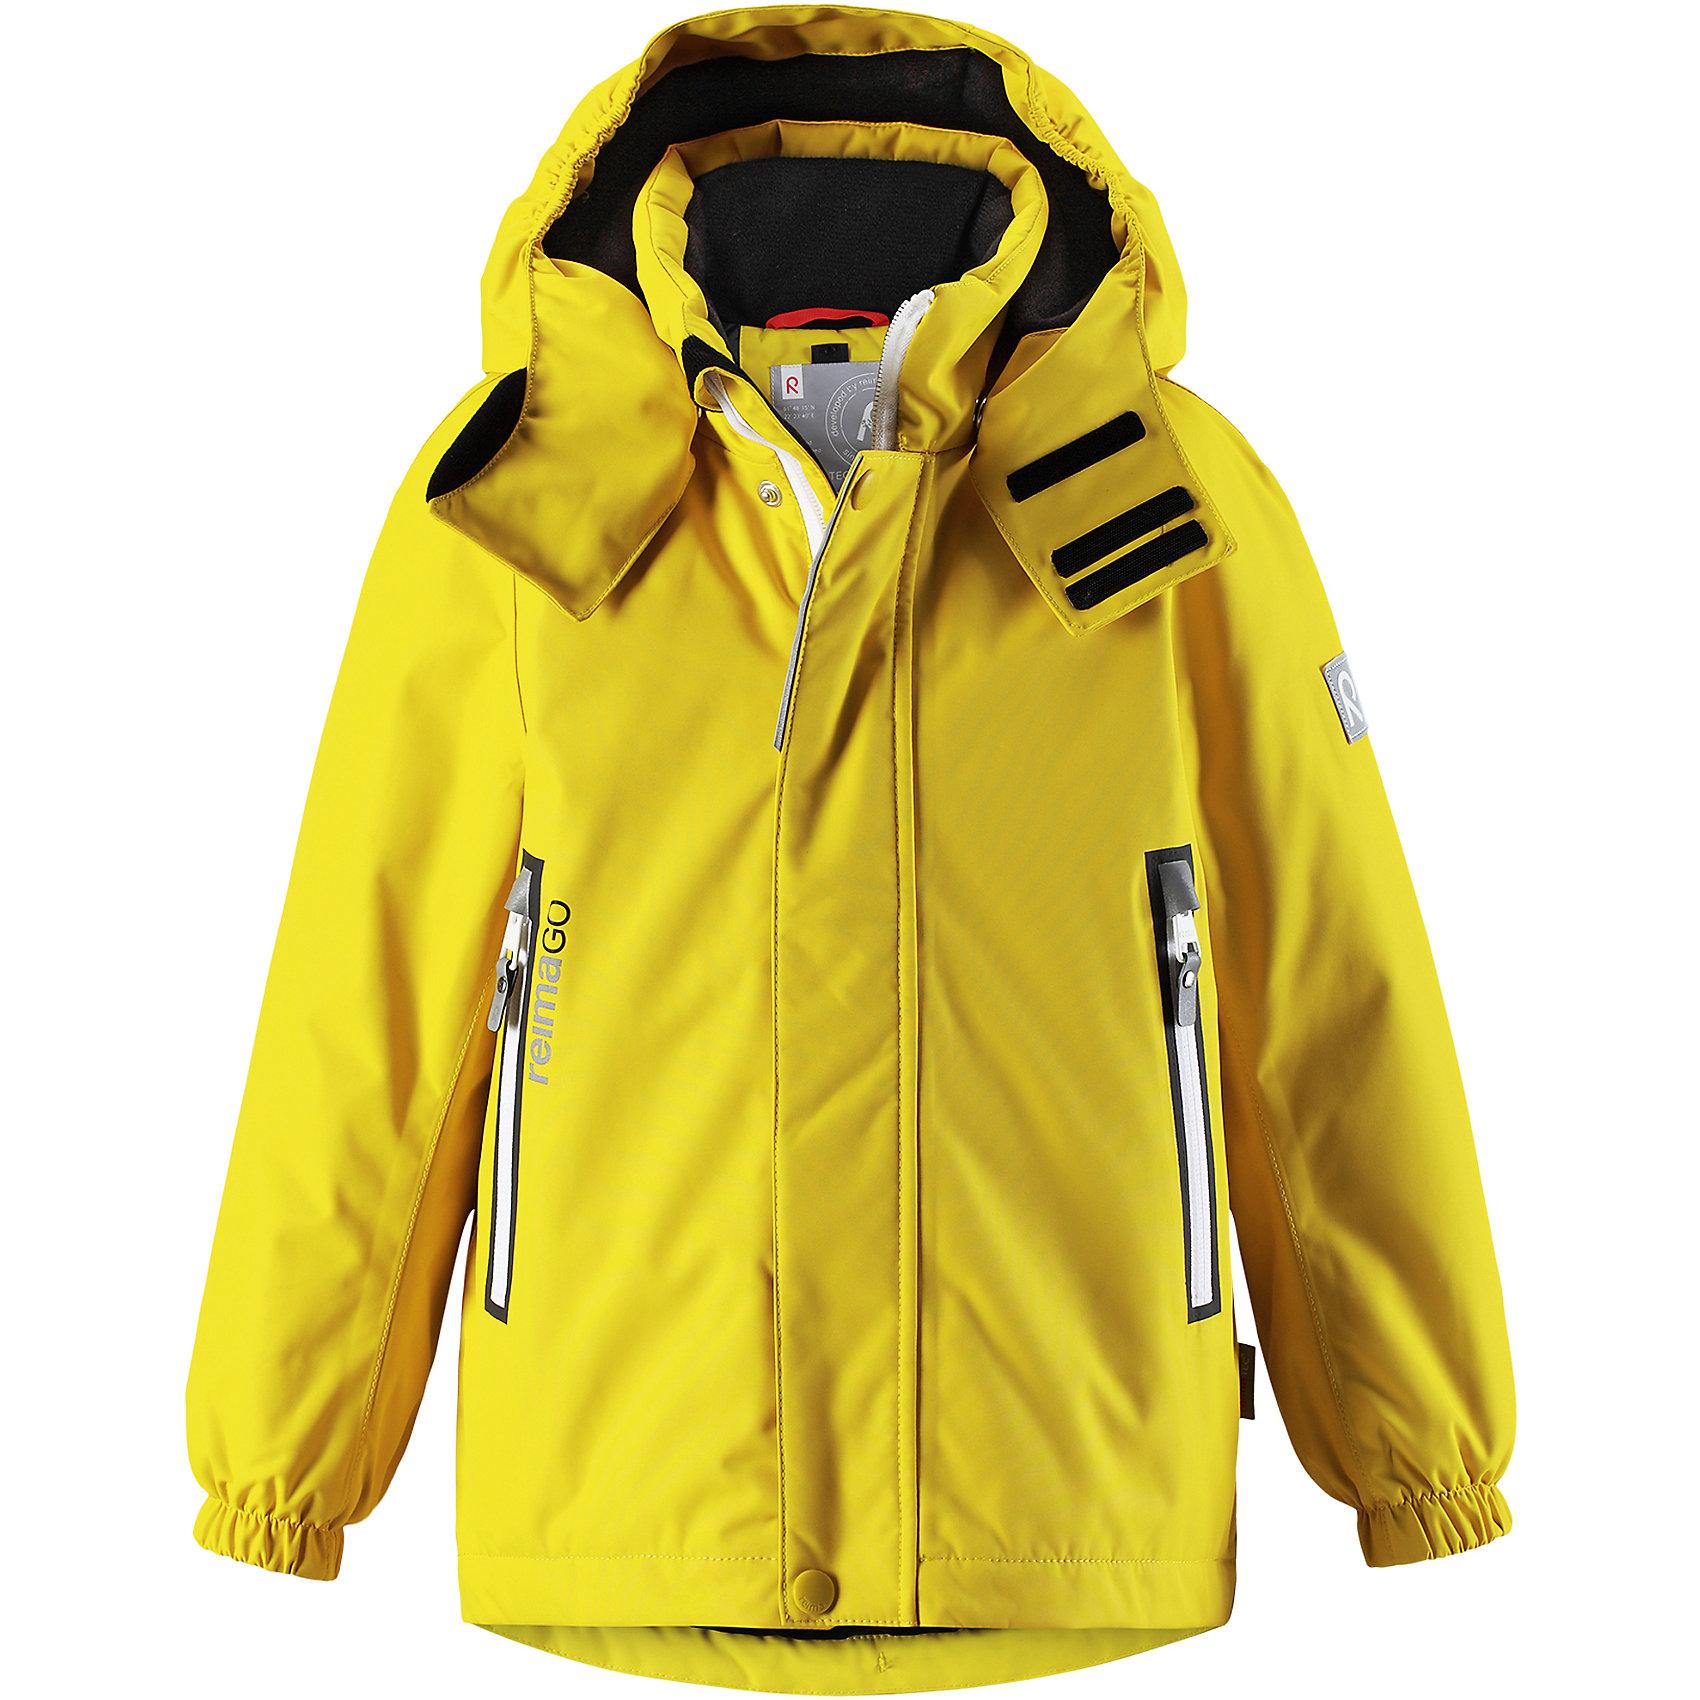 Куртка Chant Reimatec® ReimaЗимние куртки<br>Характеристики товара:<br><br>• цвет: желтый;<br>• состав: 100% полиэстер;<br>• утеплитель: 160 г/м2;<br>• сезон: зима;<br>• температурный режим: от 0 до -20С;<br>• водонепроницаемость: 15000 мм;<br>• воздухопроницаемость: 7000 мм;<br>• износостойкость: 40000 циклов (тест Мартиндейла);<br>• водо и ветронепроницаемый, дышащий и грязеотталкивающий материал;<br>• все швы проклеены и водонепроницаемы;<br>• безопасный съемный  и регулируемый капюшон на кнопках;<br>• застежка: молния с дополнительной планкой на кнопках;<br>• защита подбородка от защемления;<br>• гладкая подкладка из полиэстера;<br>• эластичные манжеты;<br>• регулируемый подол;<br>• внутренний нагрудный карман;<br>• два кармана на молнии;<br>• карман с креплением для сенсора ReimaGO®;<br>• светоотражающие элементы;<br>• система кнопок Play Layers® к этой куртке можно присоединять одежду промежуточного слоя Reima®;<br>• страна бренда: Финляндия;<br>• страна производства: Китай.<br><br>Зимняя куртка Reimatec® изготовлена из водо и ветронепроницаемого, дышащего материала, который эффективно отталкивает грязь. Все швы проклеены, водонепроницаемы. В этой куртке прямого покроя подол при необходимости легко регулируется, что позволяет подогнать куртку точно по фигуре. <br><br>Съемный и регулируемый капюшон защищает от пронизывающего ветра и проливного дождя, а еще он безопасен во время игр на свежем воздухе. В куртке предусмотрены два кармана на молнии, внутренний нагрудный карман, карман для сенсора ReimaGO® и множество светоотражающих деталей. Эта куртка очень проста в уходе, кроме того, ее можно сушить в стиральной машине.<br><br>Куртка Chant Reimatec® Reima можно купить в нашем интернет-магазине.<br><br>Ширина мм: 356<br>Глубина мм: 10<br>Высота мм: 245<br>Вес г: 519<br>Цвет: желтый<br>Возраст от месяцев: 108<br>Возраст до месяцев: 120<br>Пол: Унисекс<br>Возраст: Детский<br>Размер: 140,92,98,104,110,116,122,128,134<br>SKU: 6907848